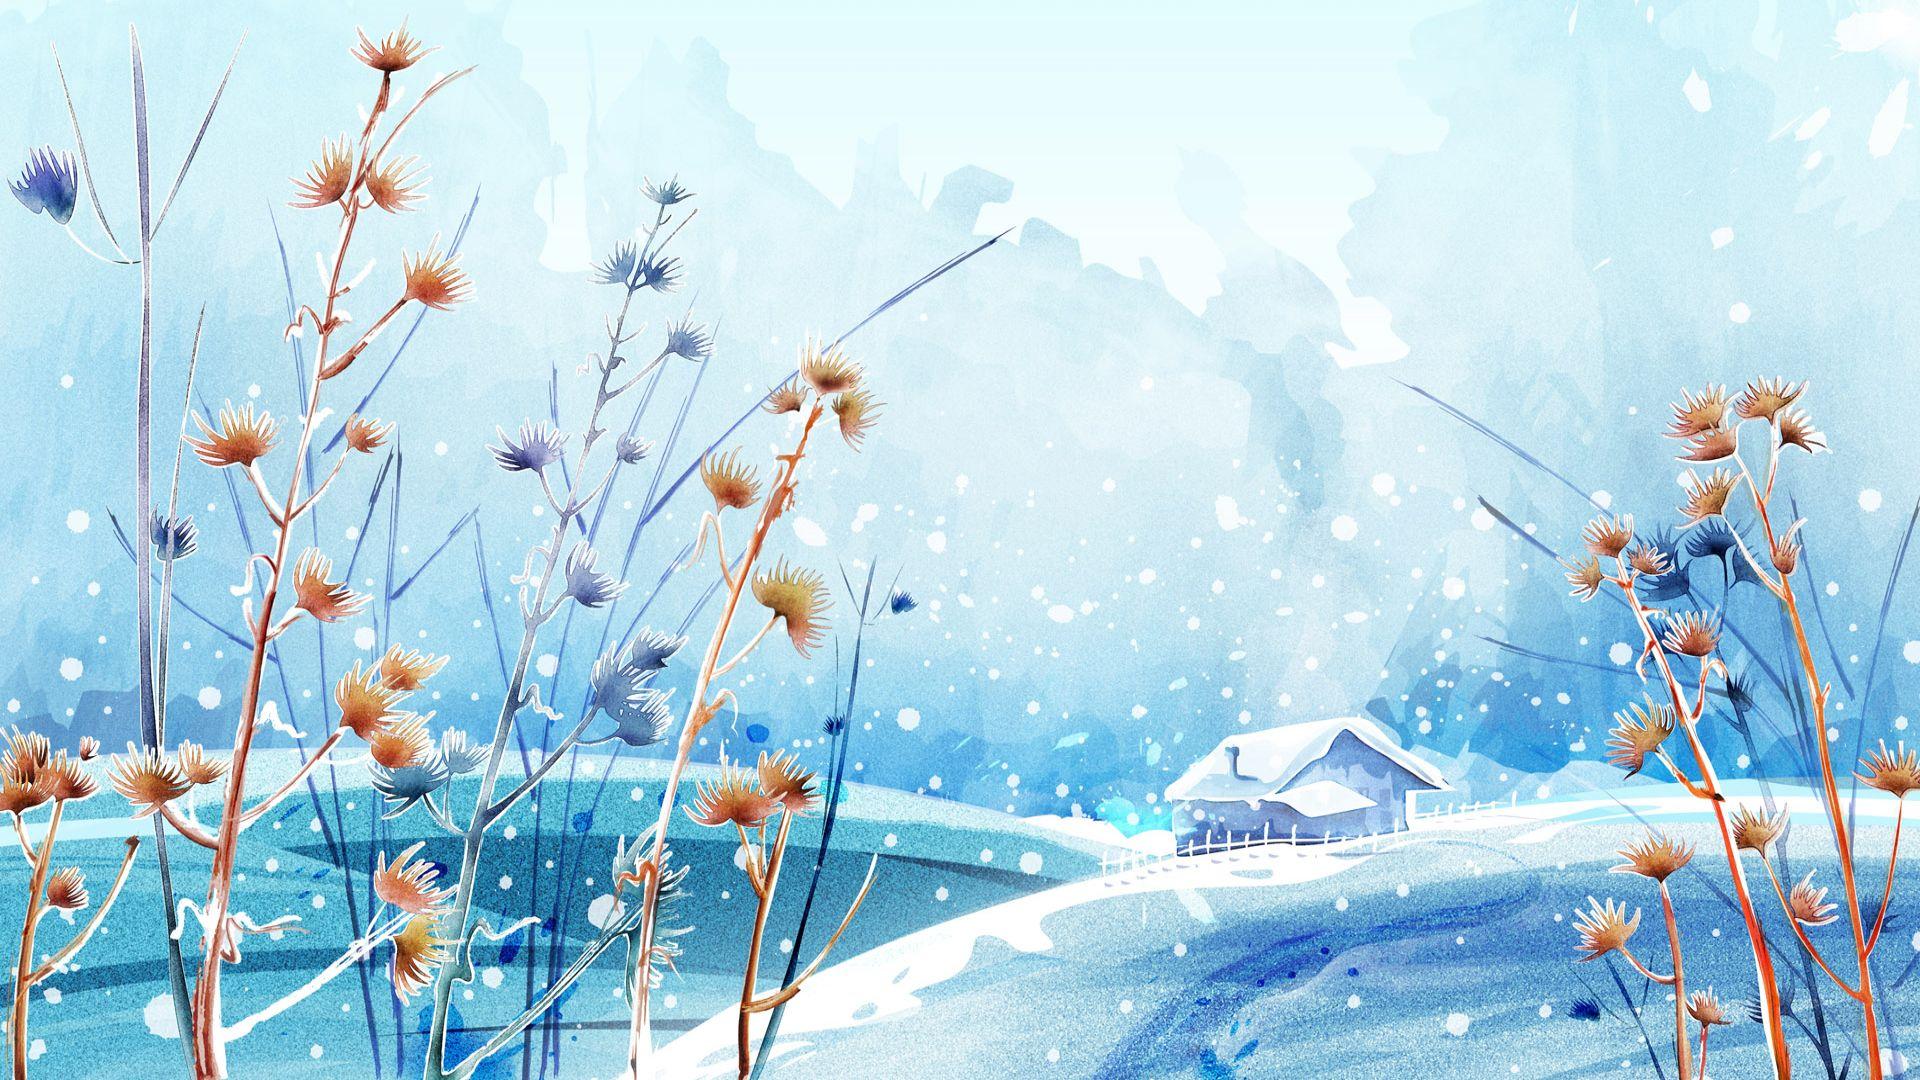 desktop winter wallpaper   wwwwallpapers in hdcom 1920x1080